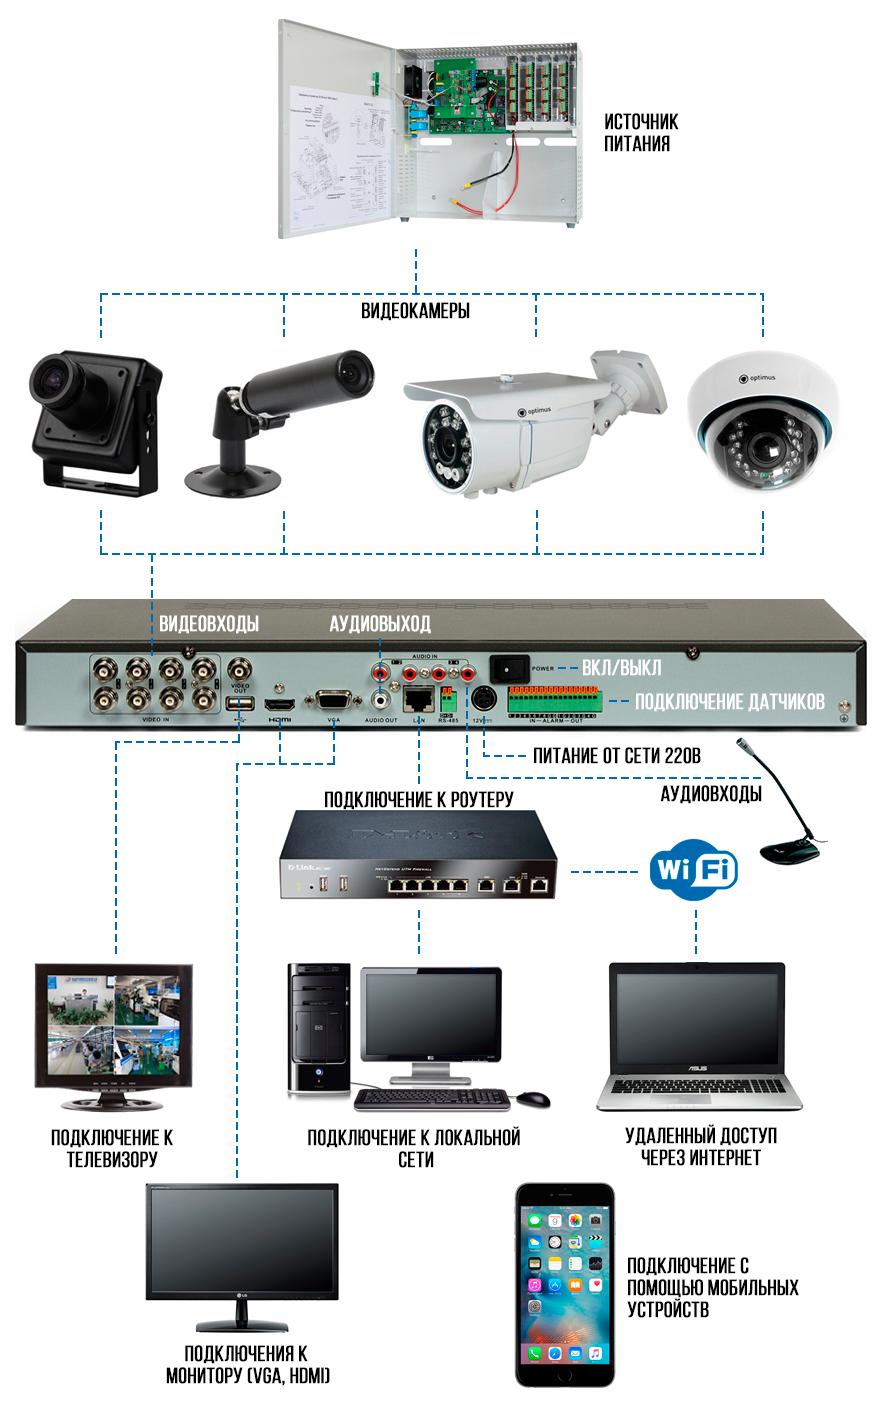 Своими руками камеры для видеонаблюдения